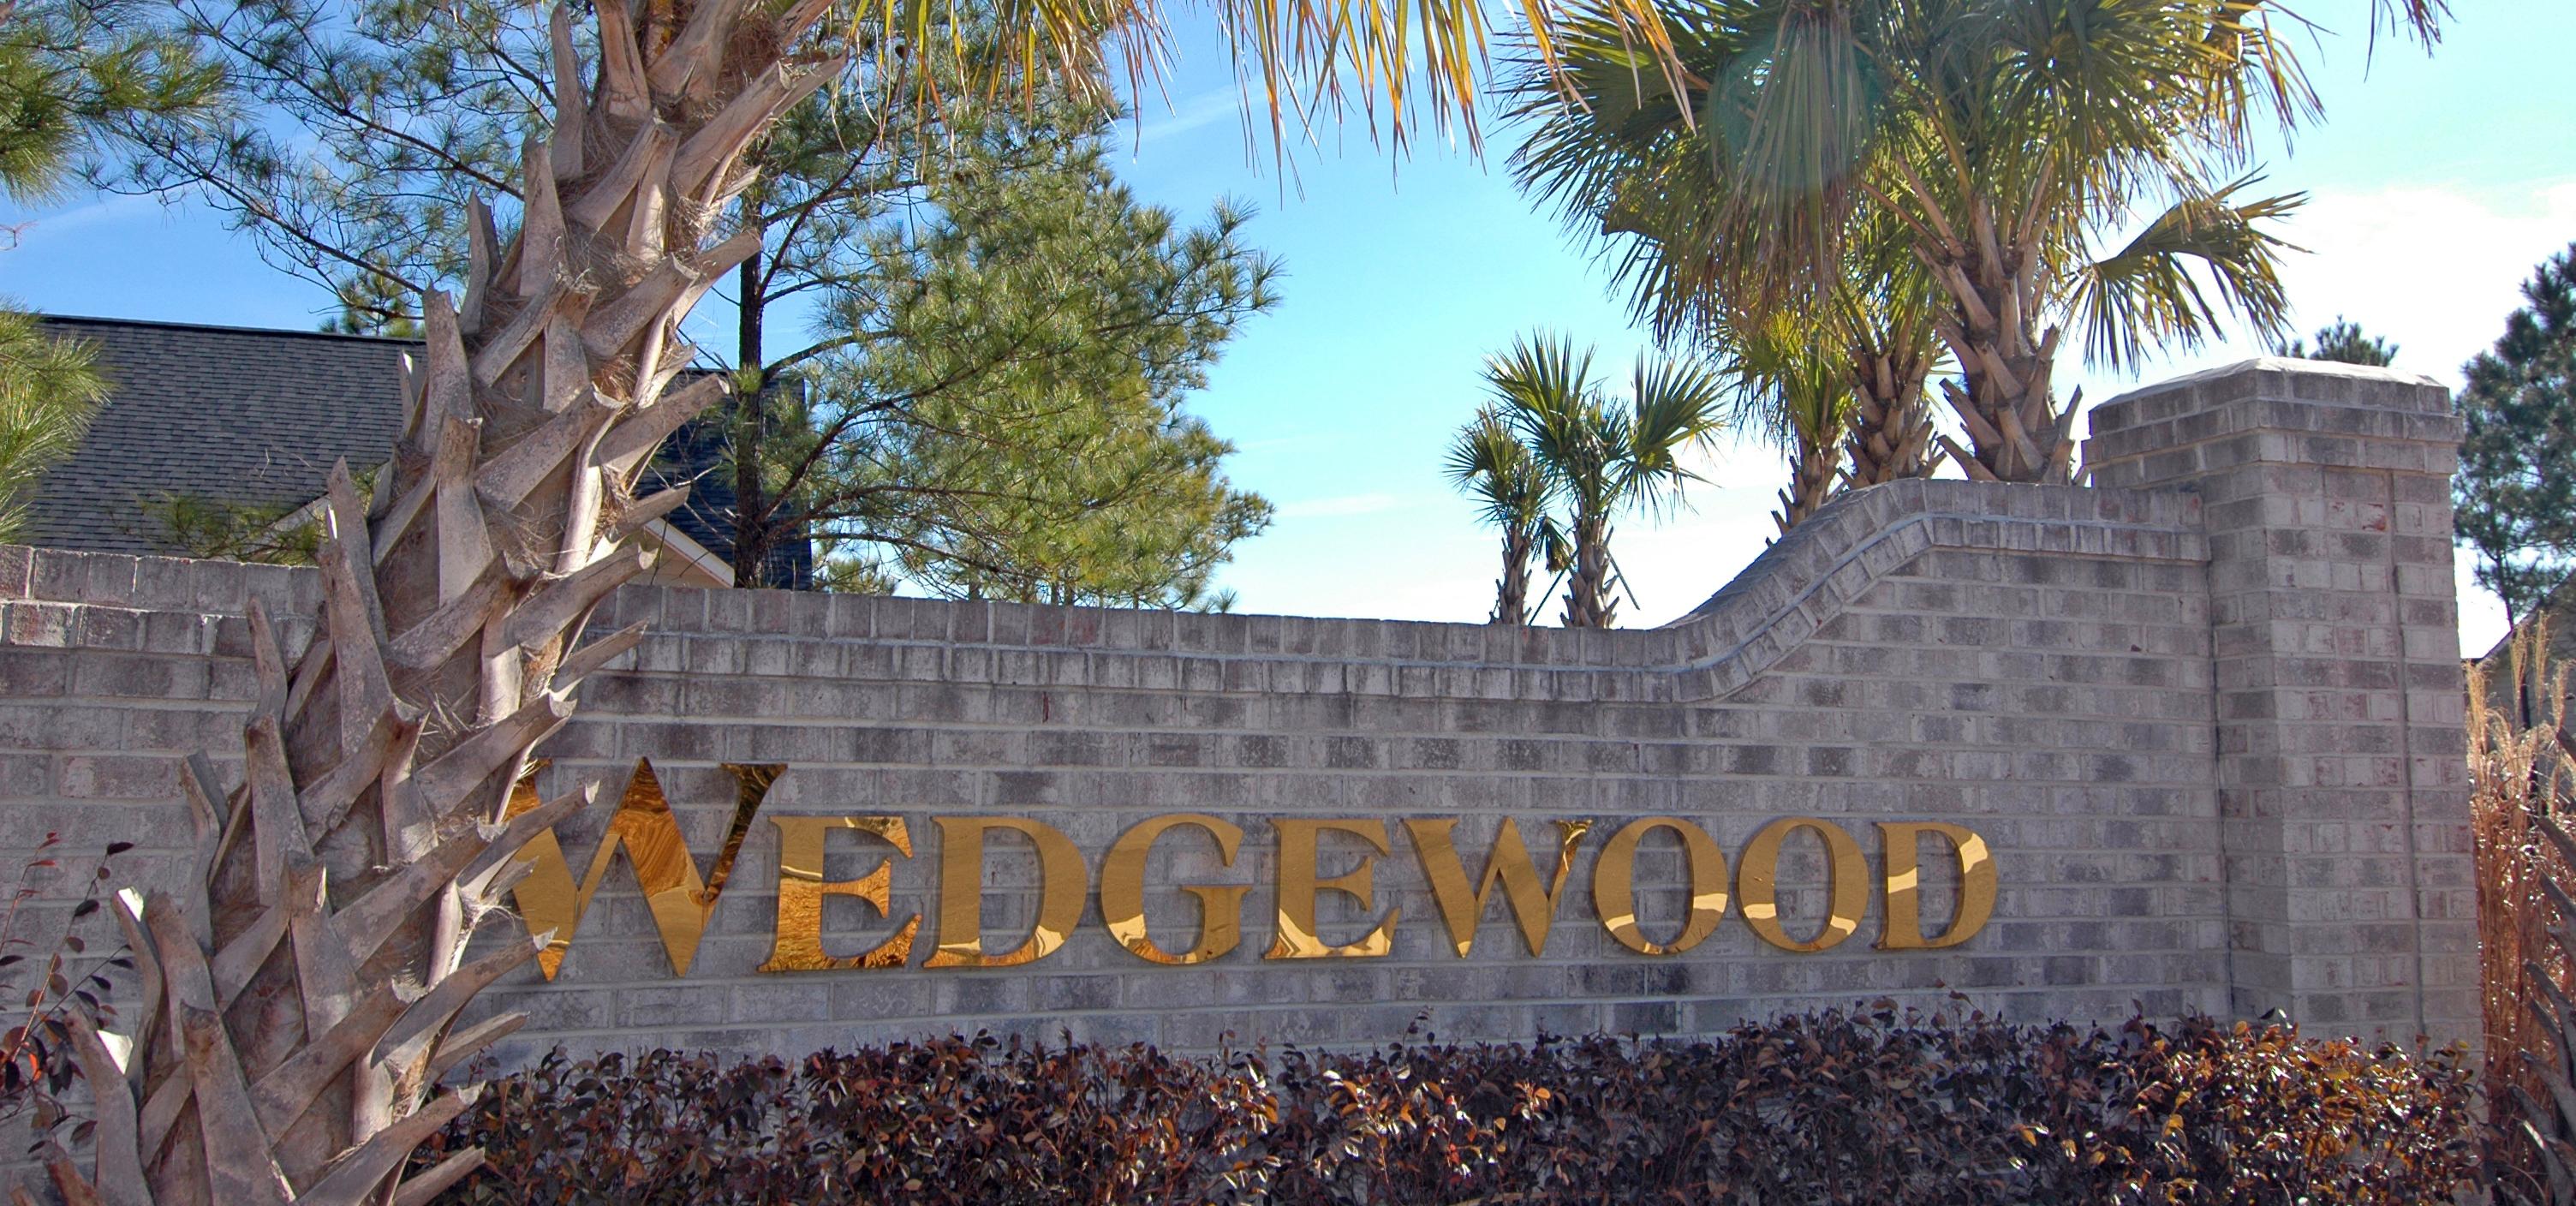 Wedgewood Leland